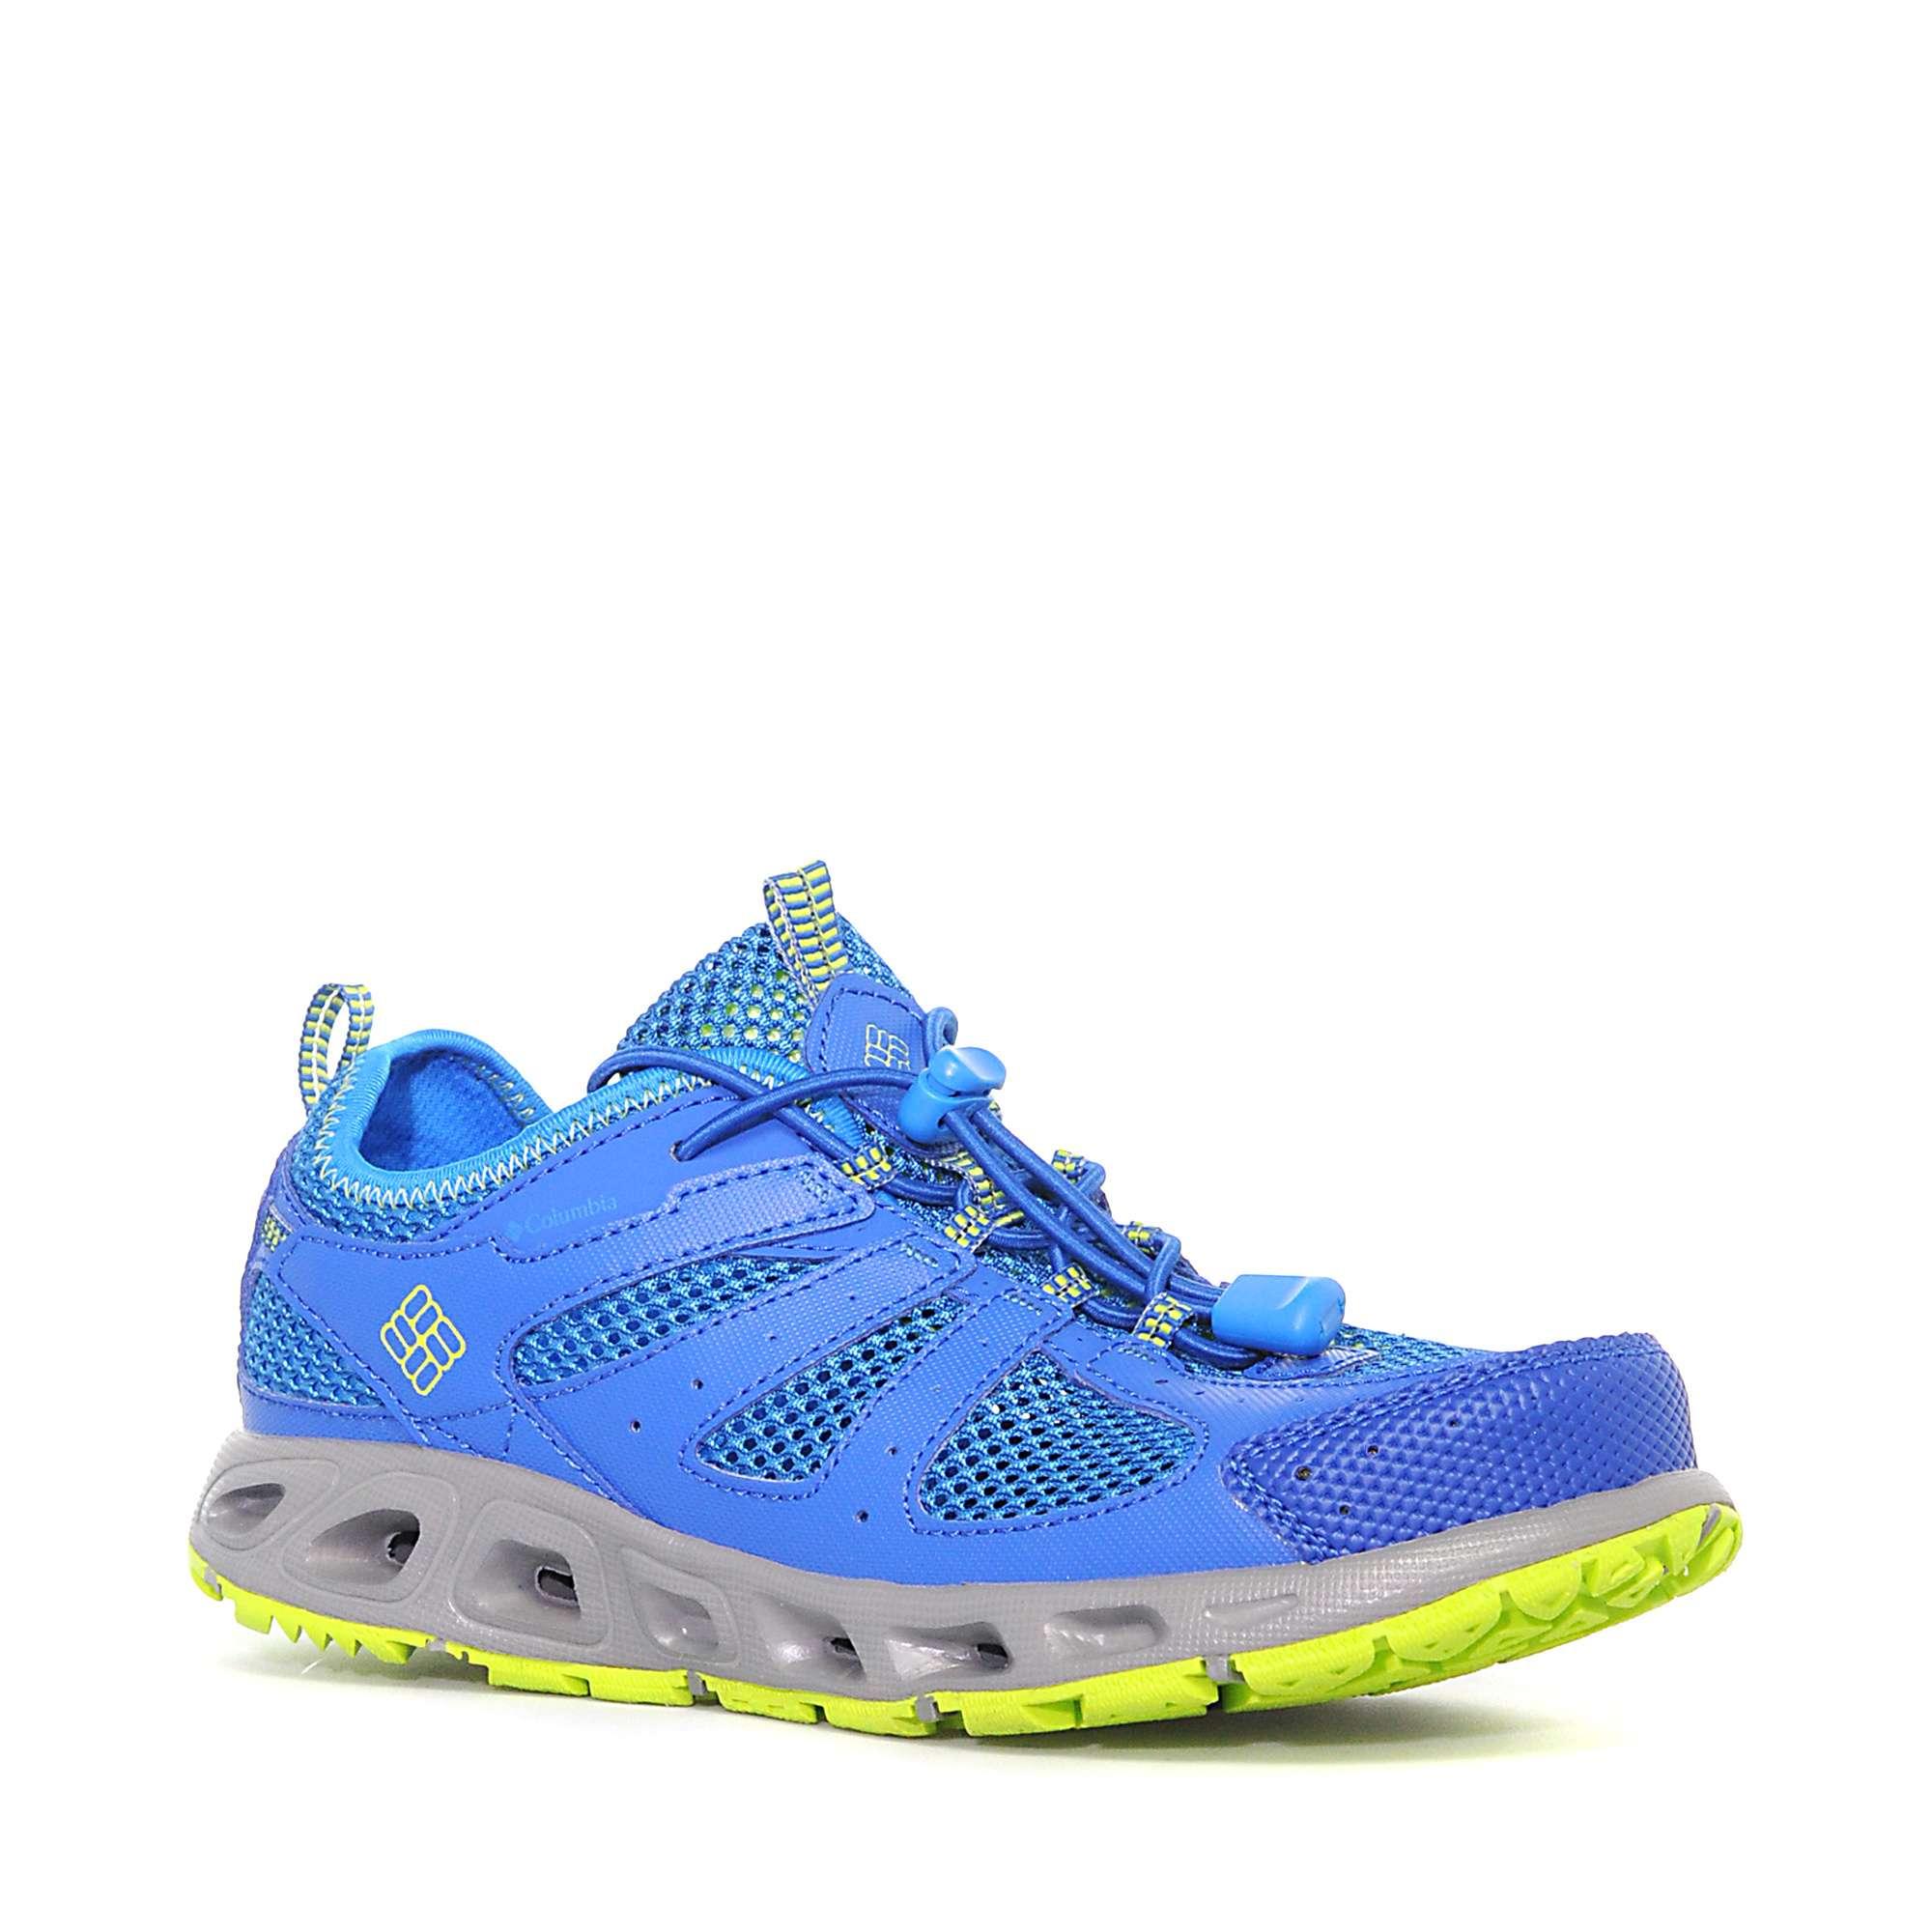 COLUMBIA Boys' Liquify II Hybrid Shoe